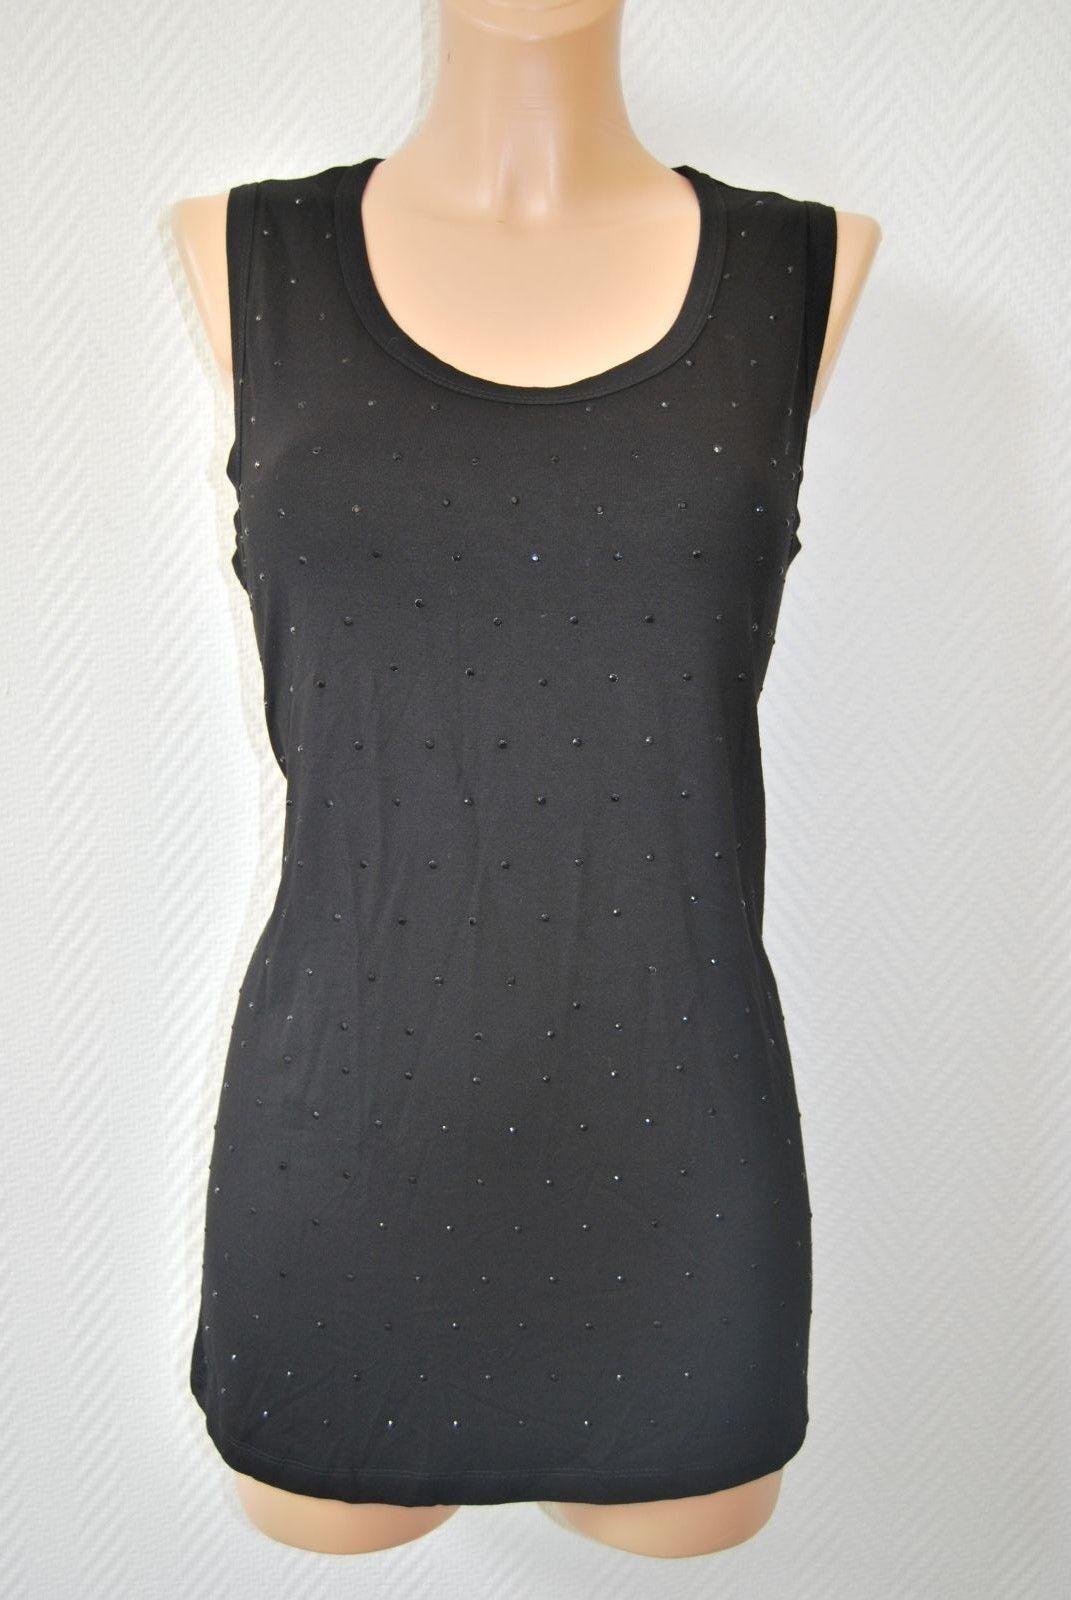 NICE Connection Top Shirt Stretch Nero Nero Nero Nuovo Taglia 42 129,- elegante d-2046 eb05c5